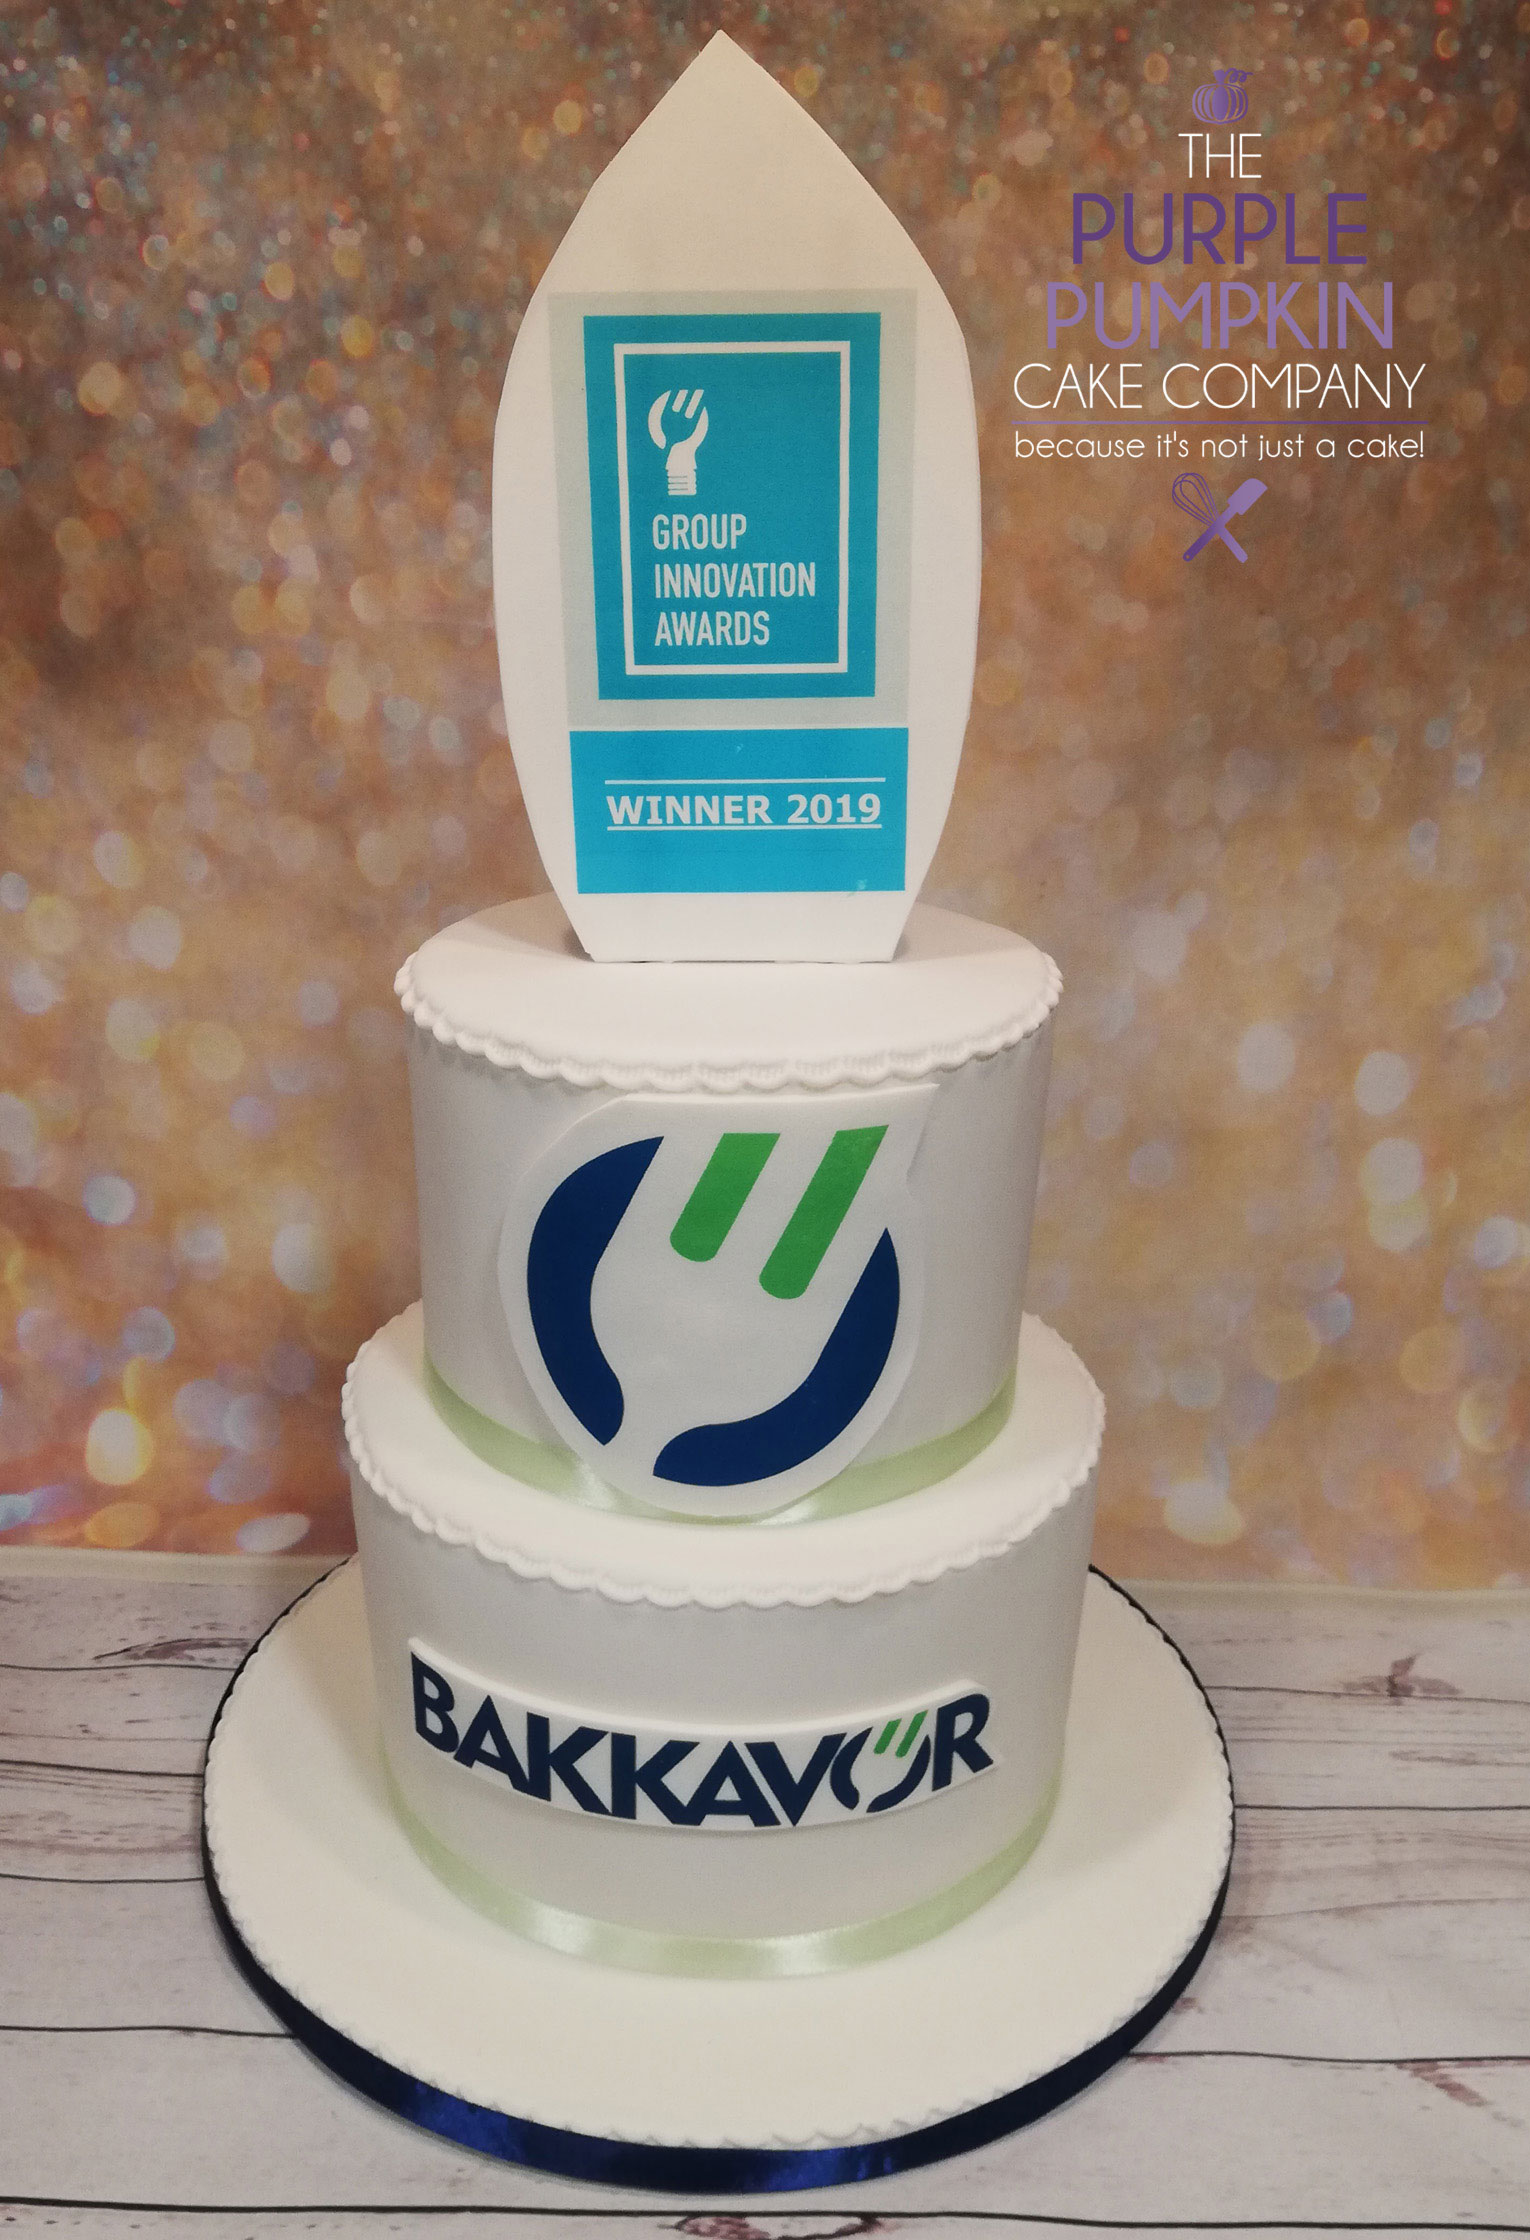 Bakkavor award cake